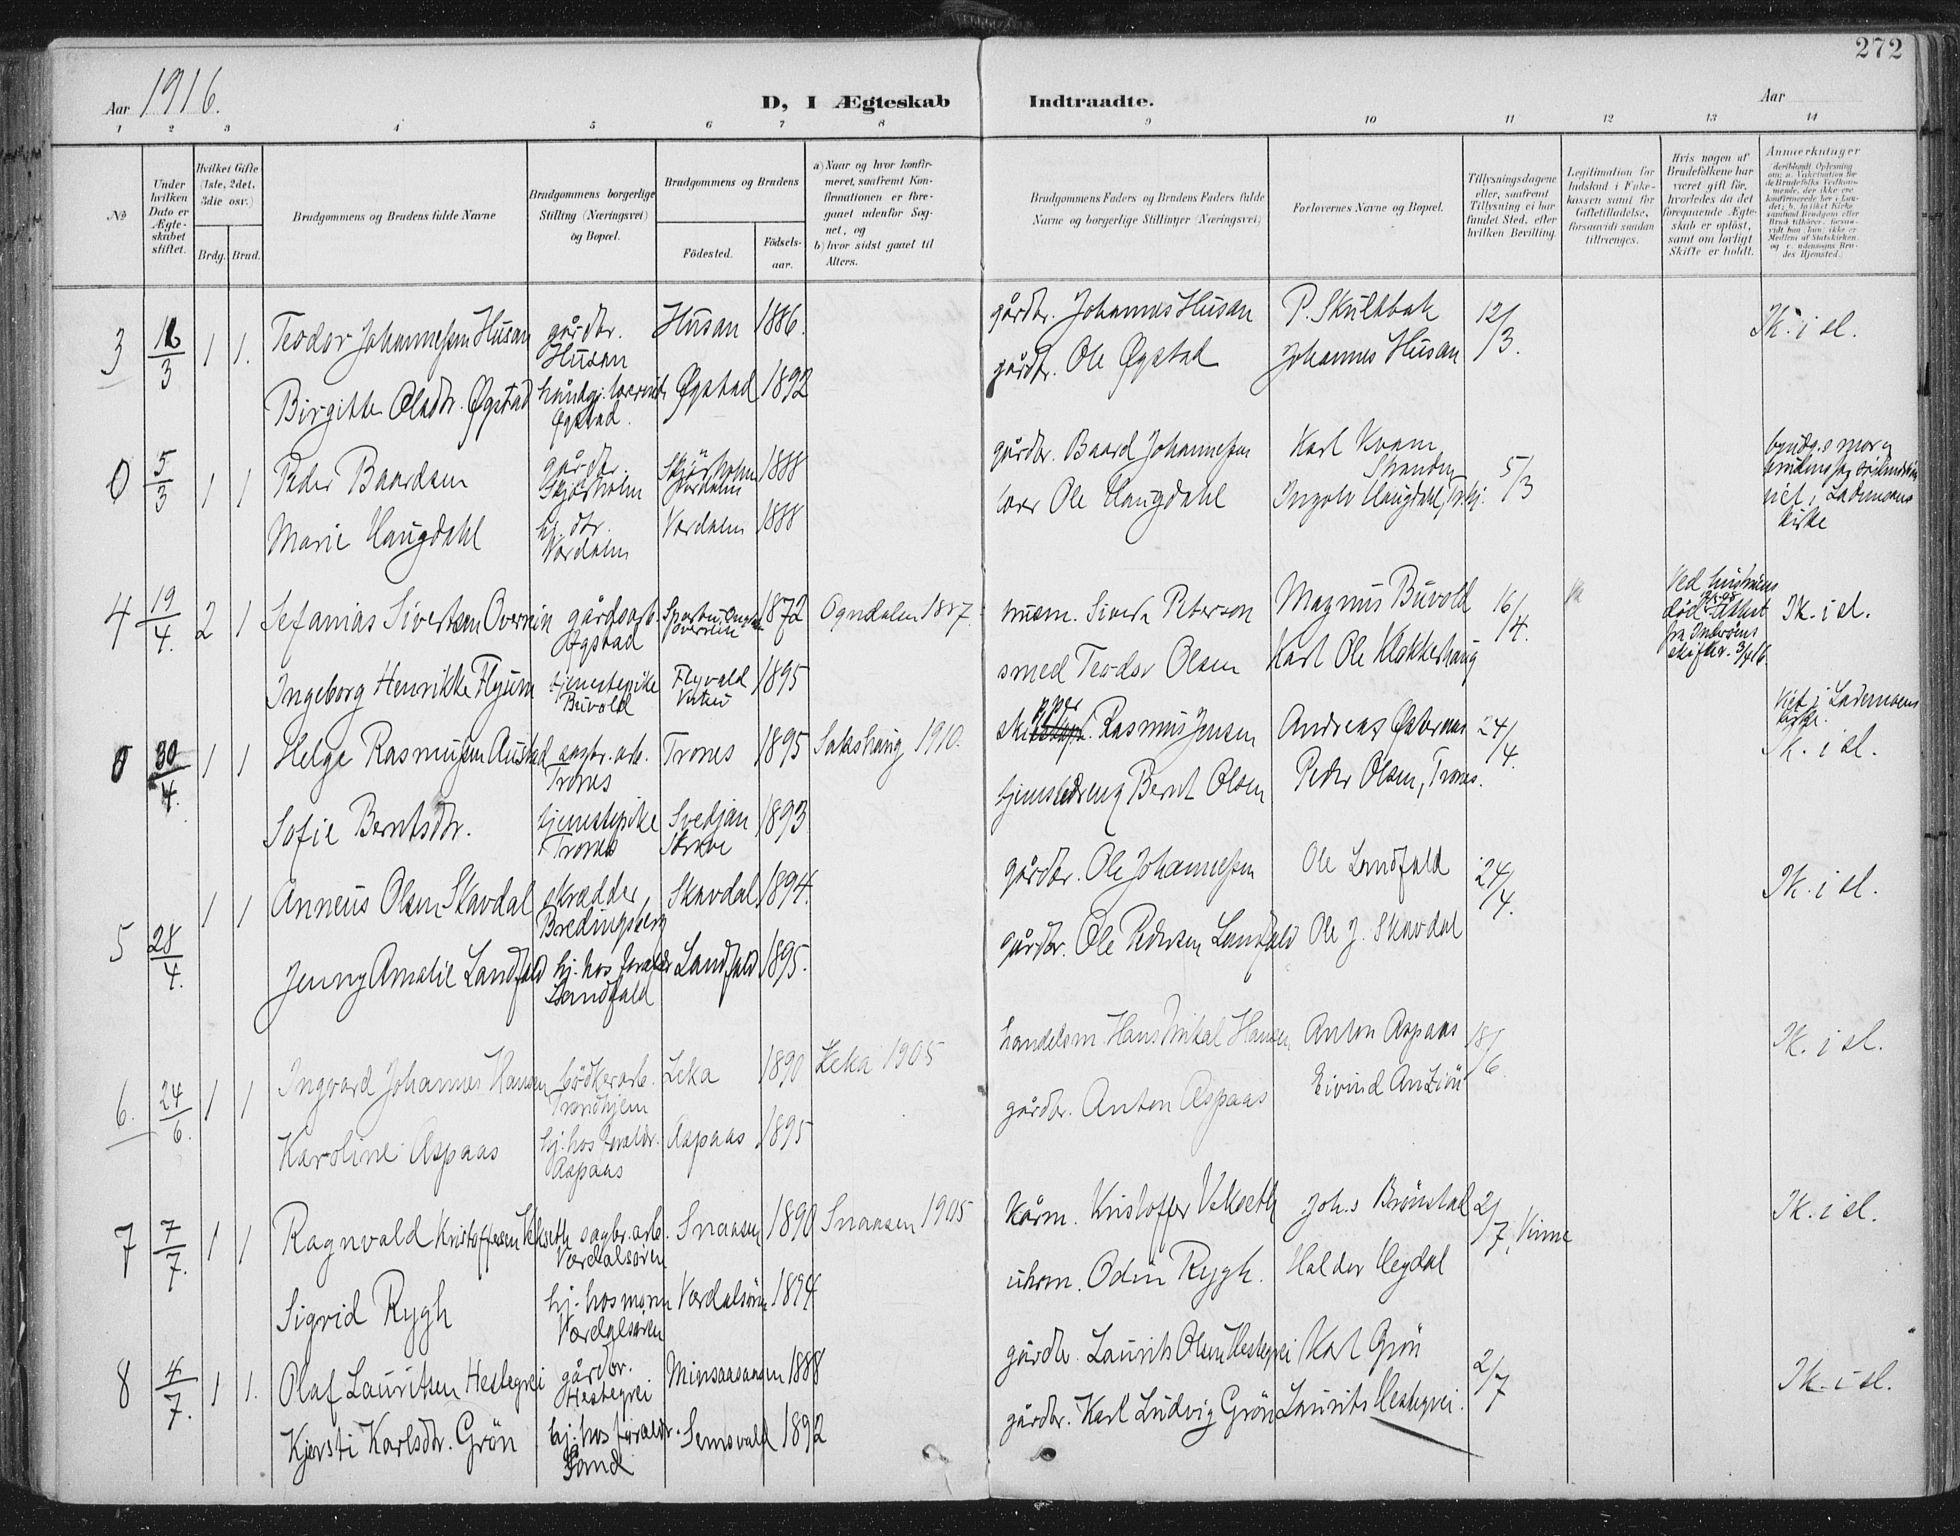 SAT, Ministerialprotokoller, klokkerbøker og fødselsregistre - Nord-Trøndelag, 723/L0246: Ministerialbok nr. 723A15, 1900-1917, s. 272